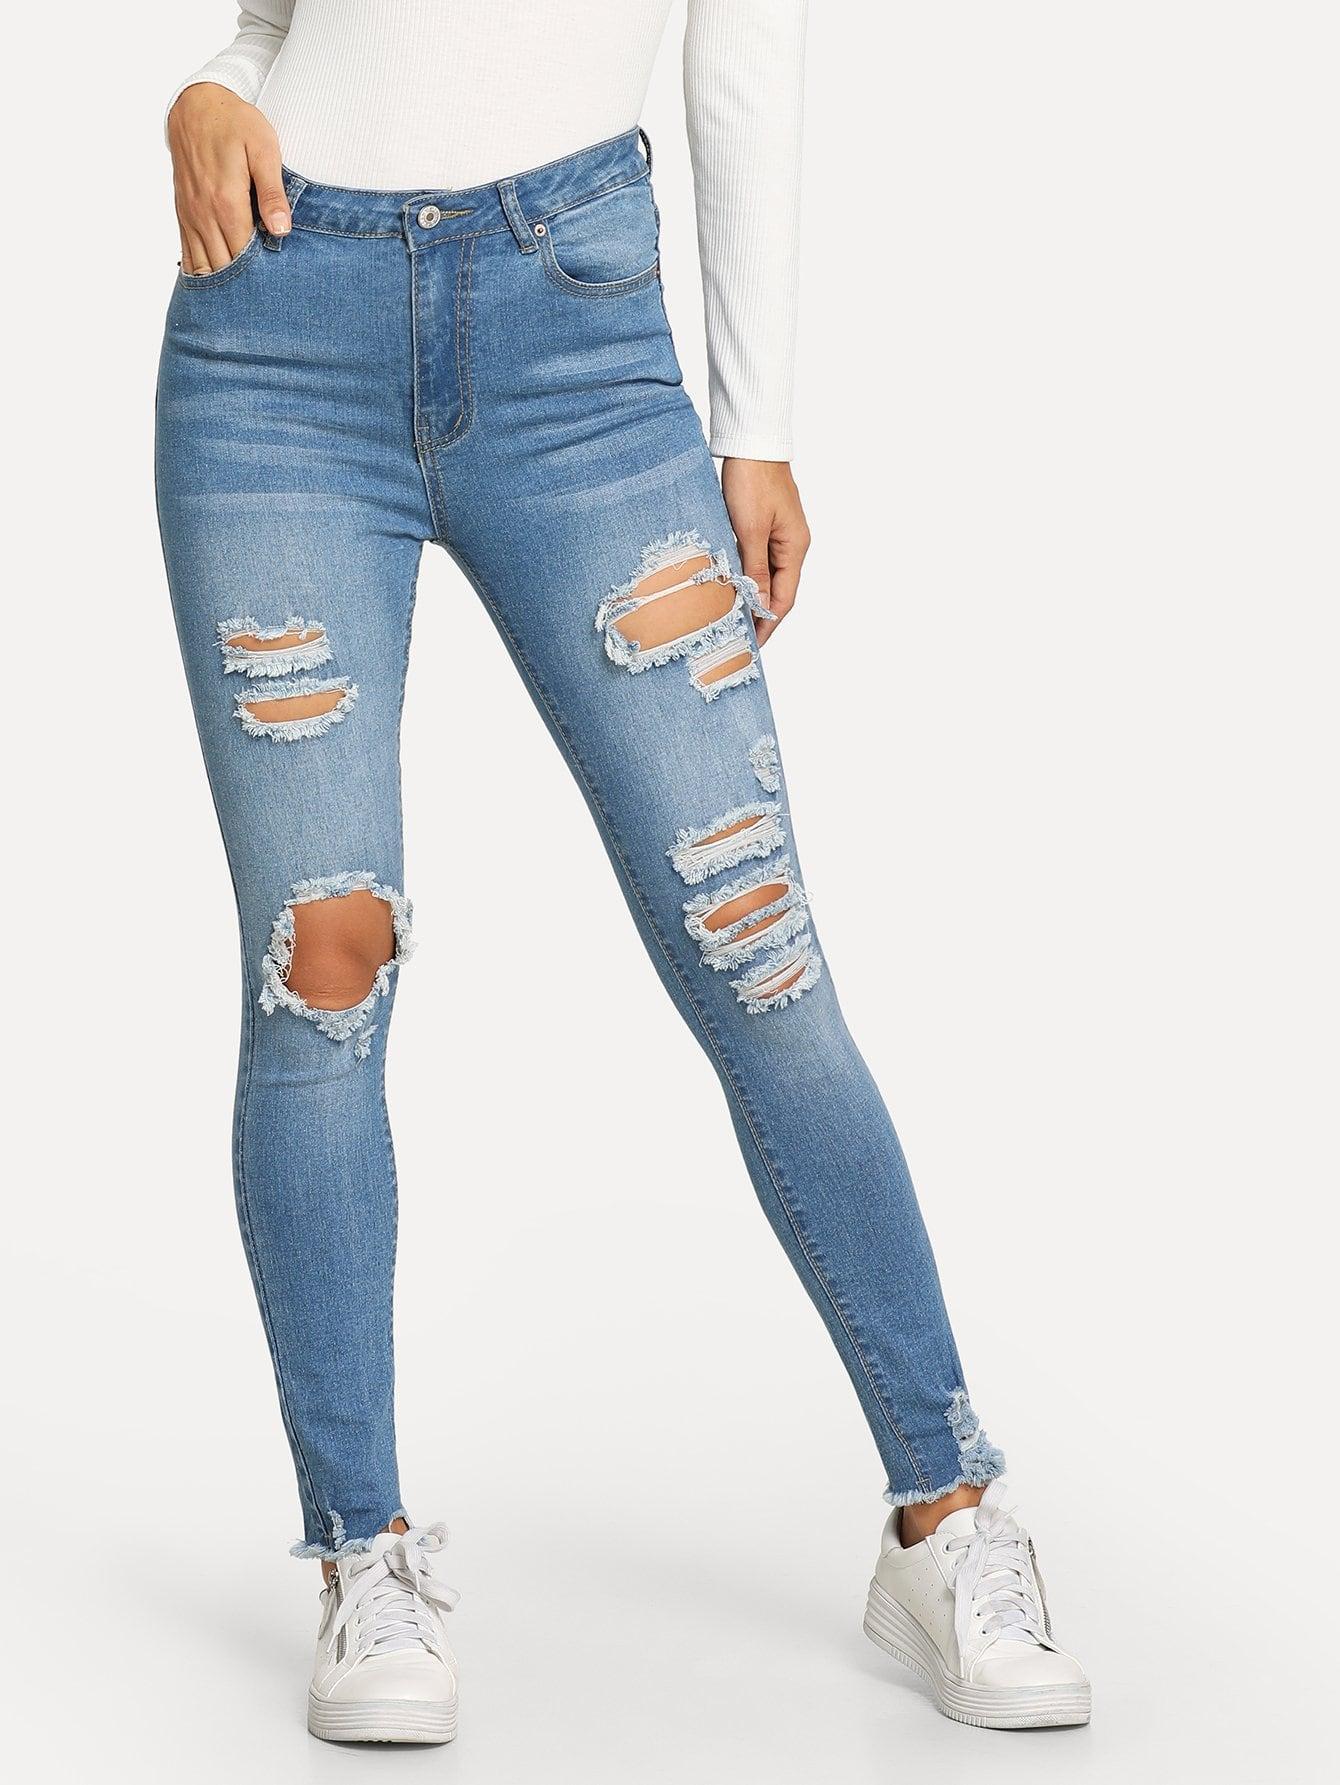 Купить Рваные джинсы с небработанным краем, Juliana, SheIn